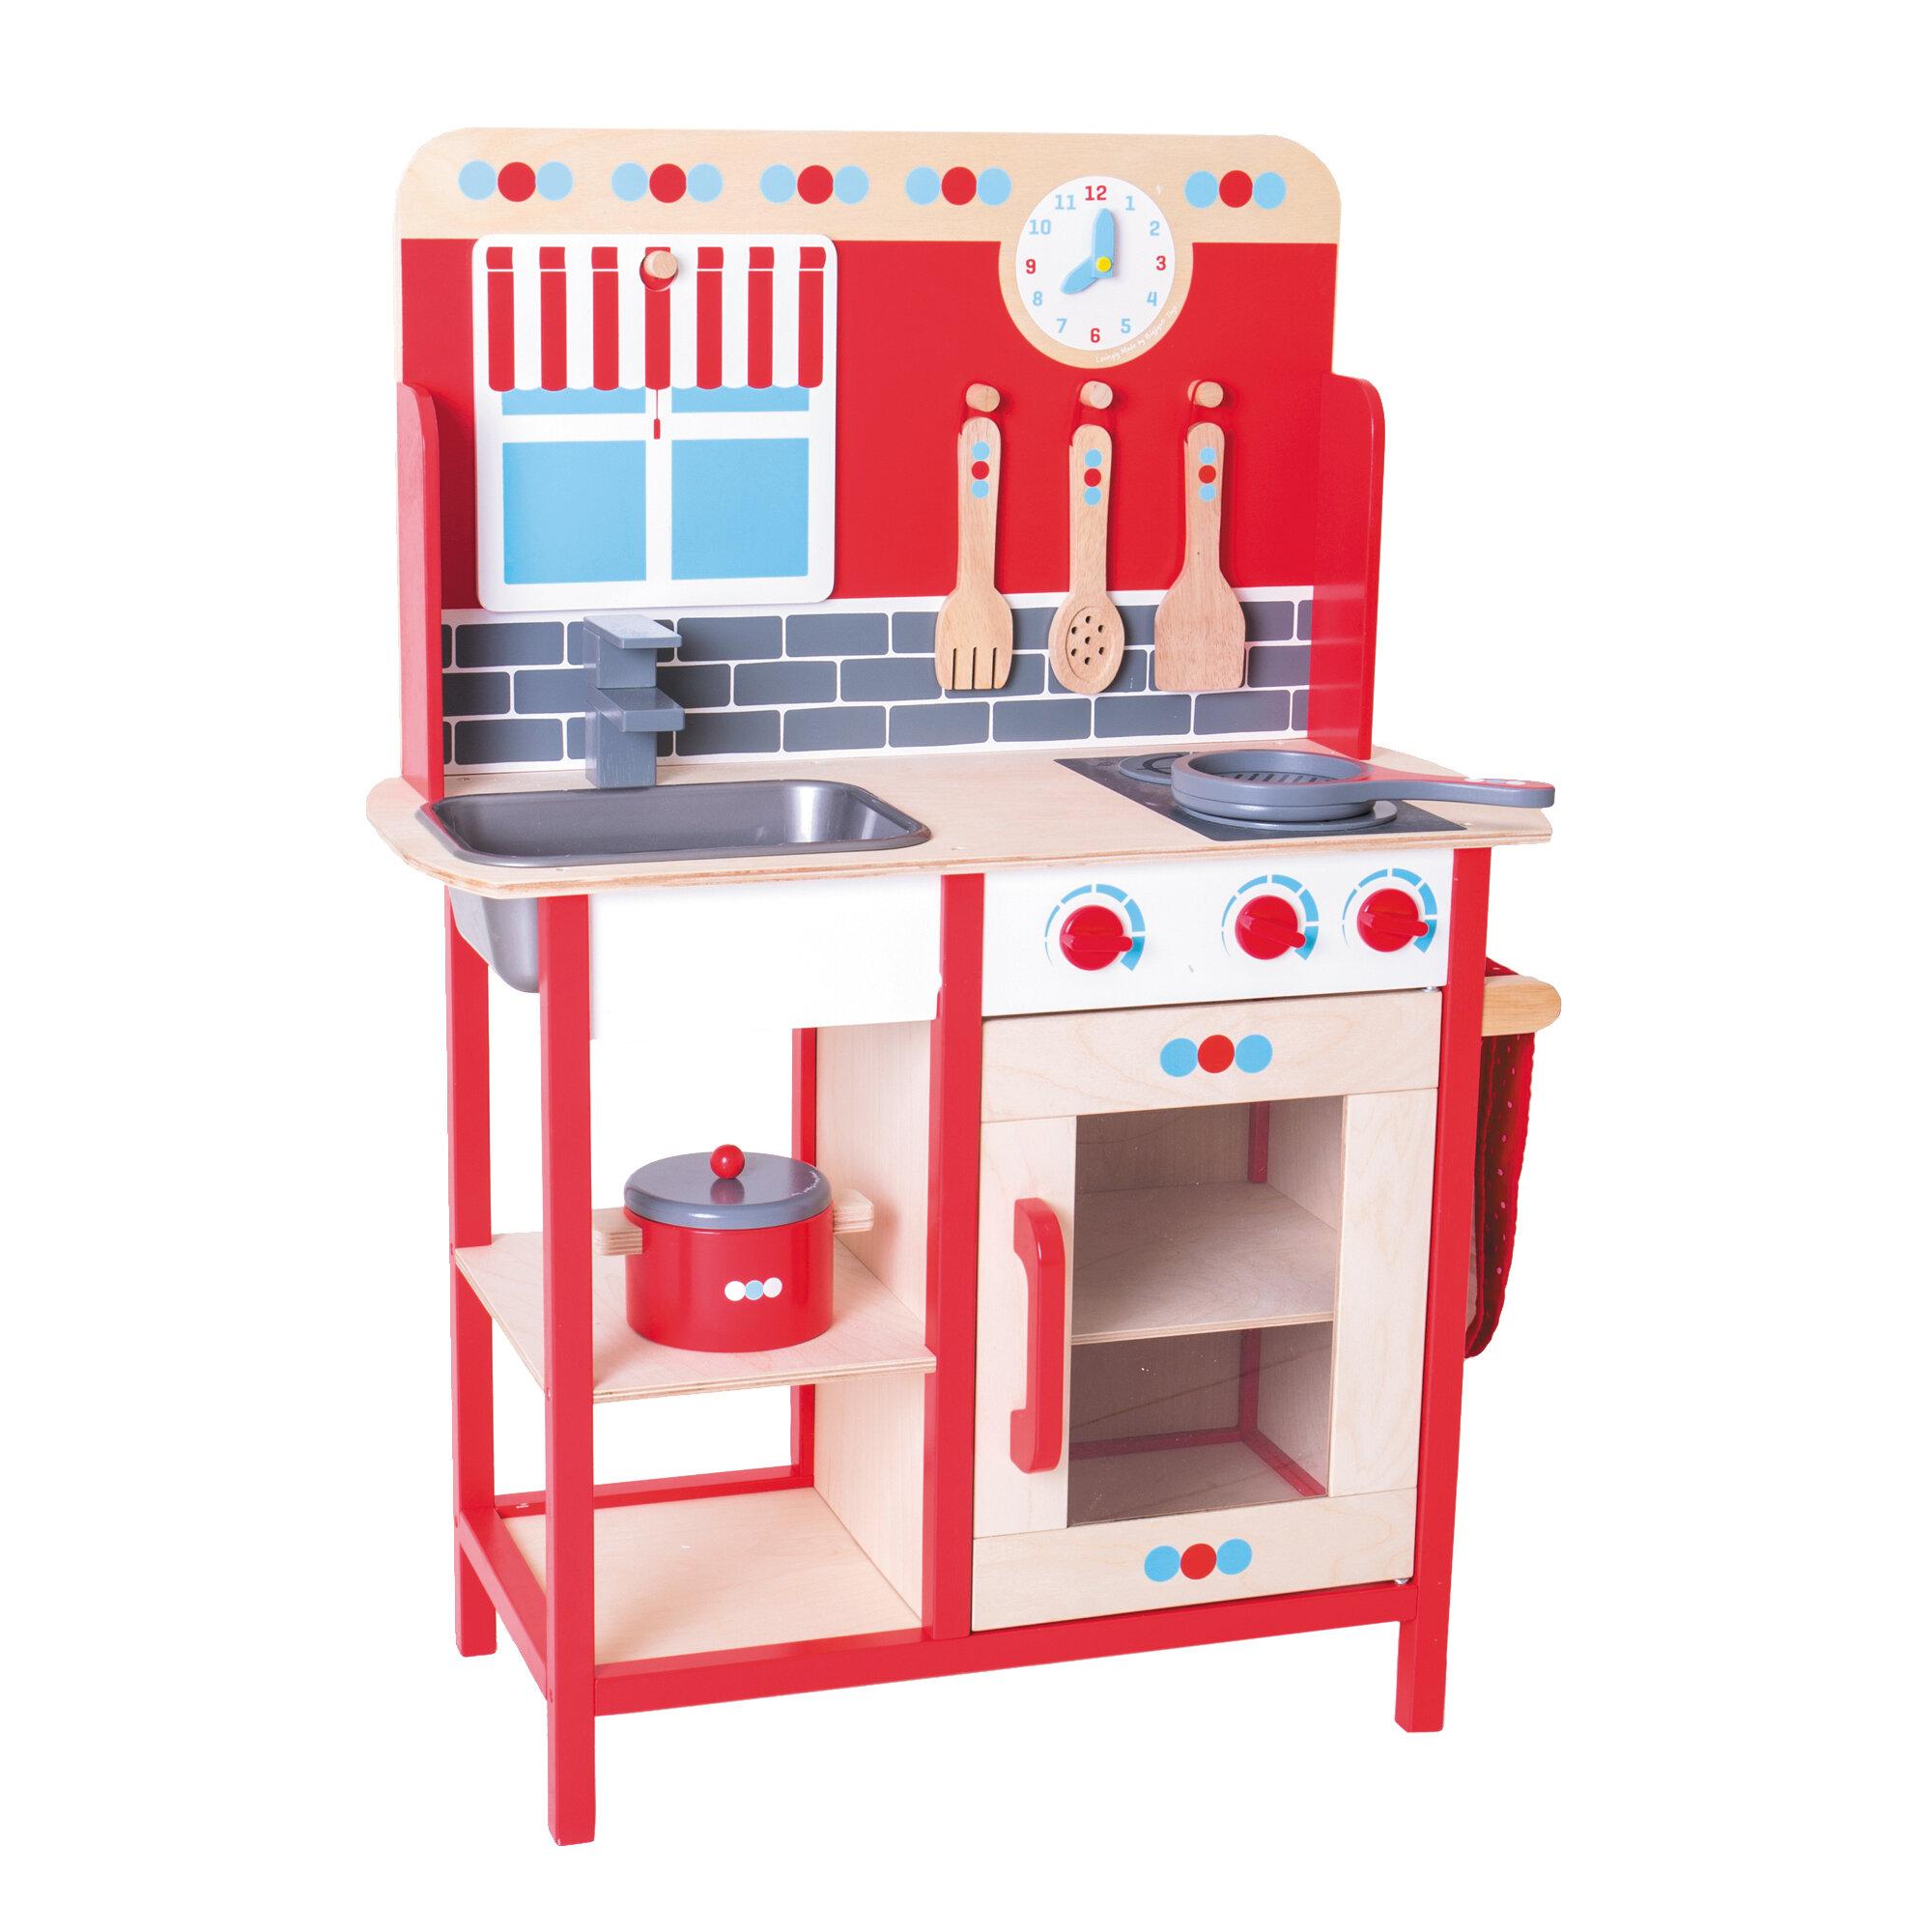 6 Piece Play Kitchen Set